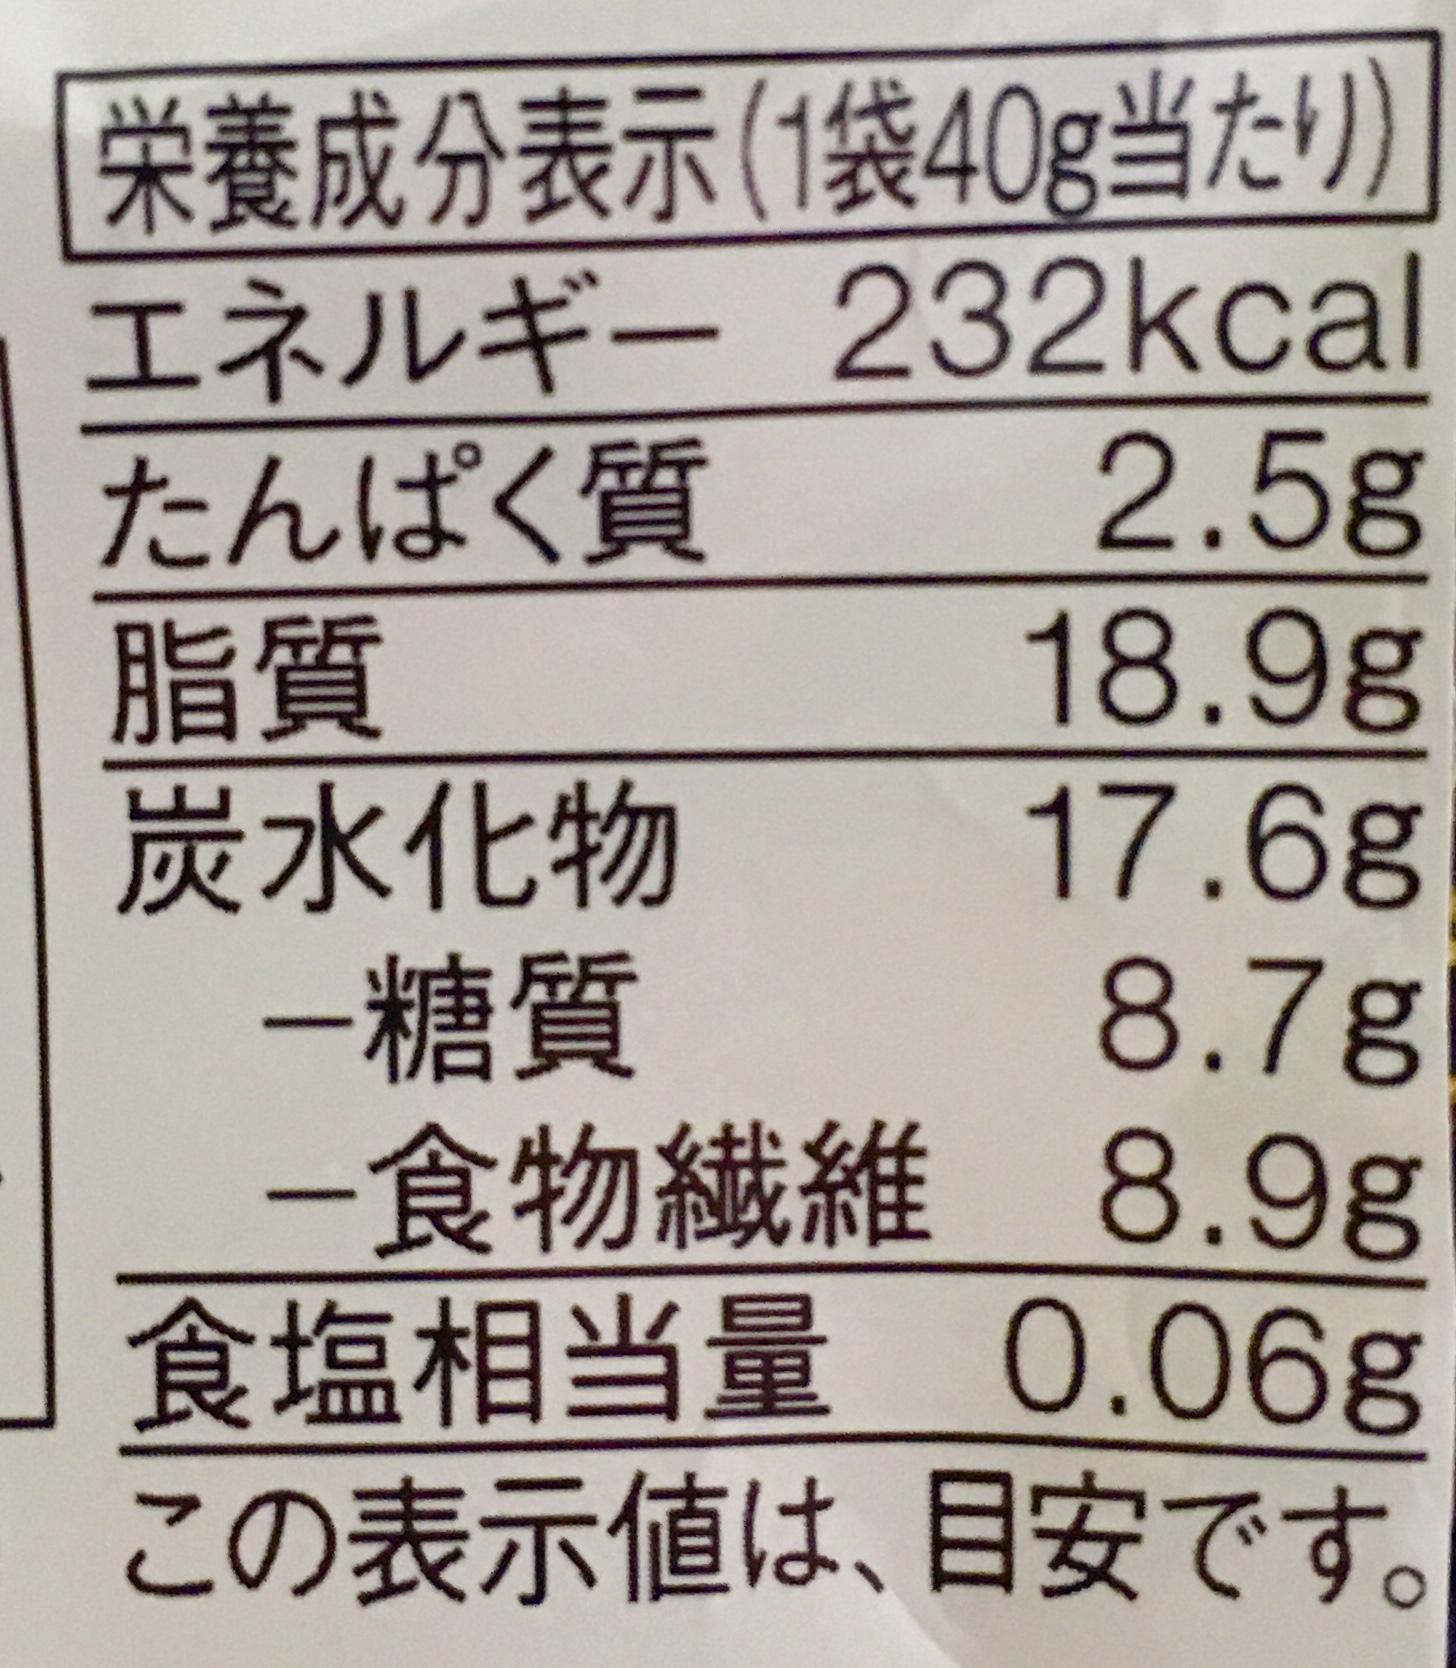 無印良品の糖質10g以下のお菓子 ホワイトチョコレートの栄養成分表示